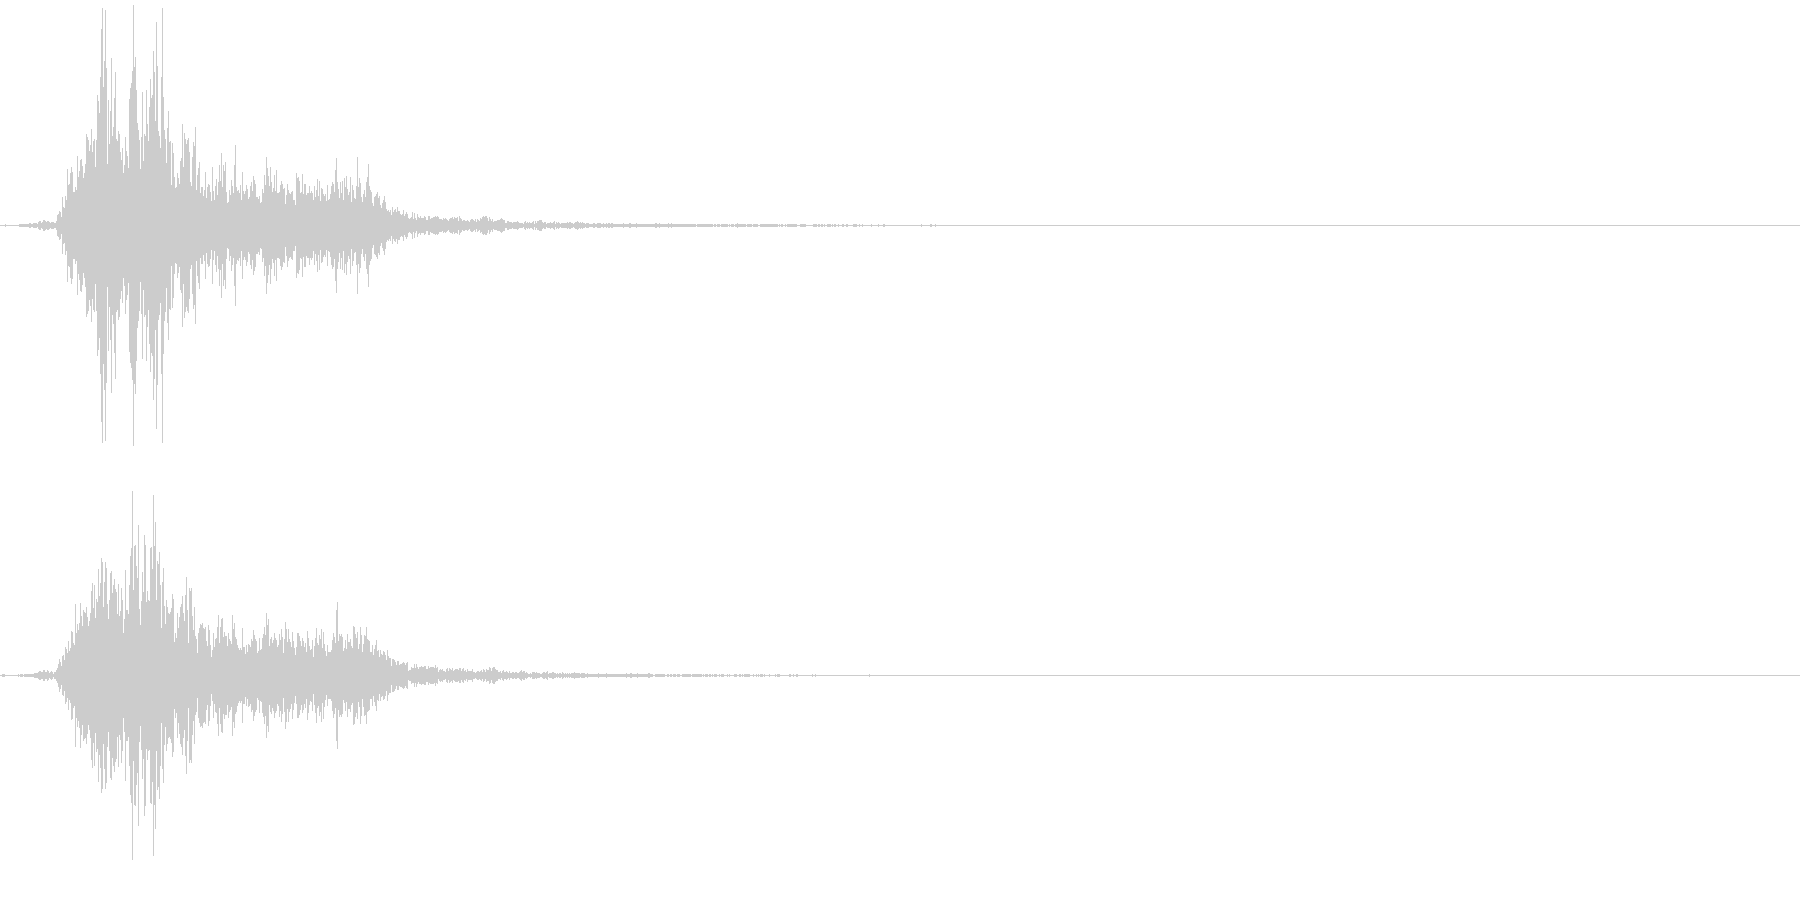 斬撃音4(斧などの重い武器)の未再生の波形